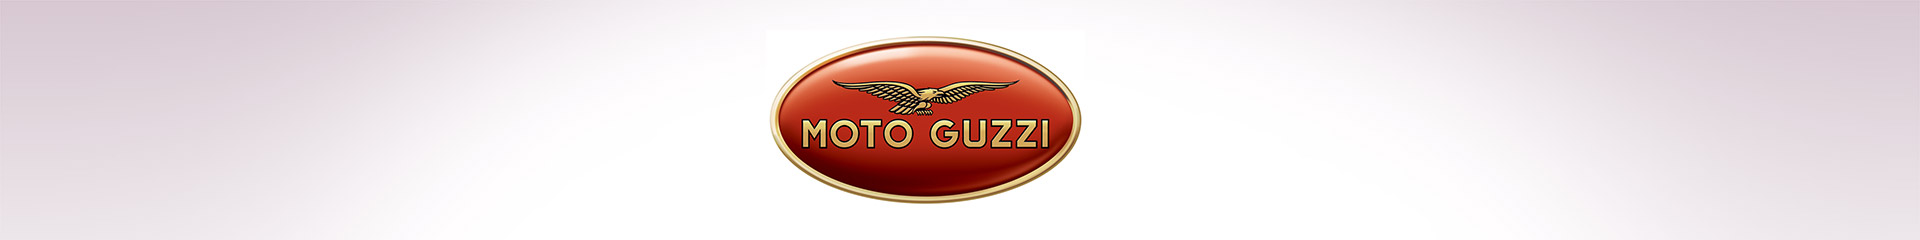 Ricambi per Moto Guzzi